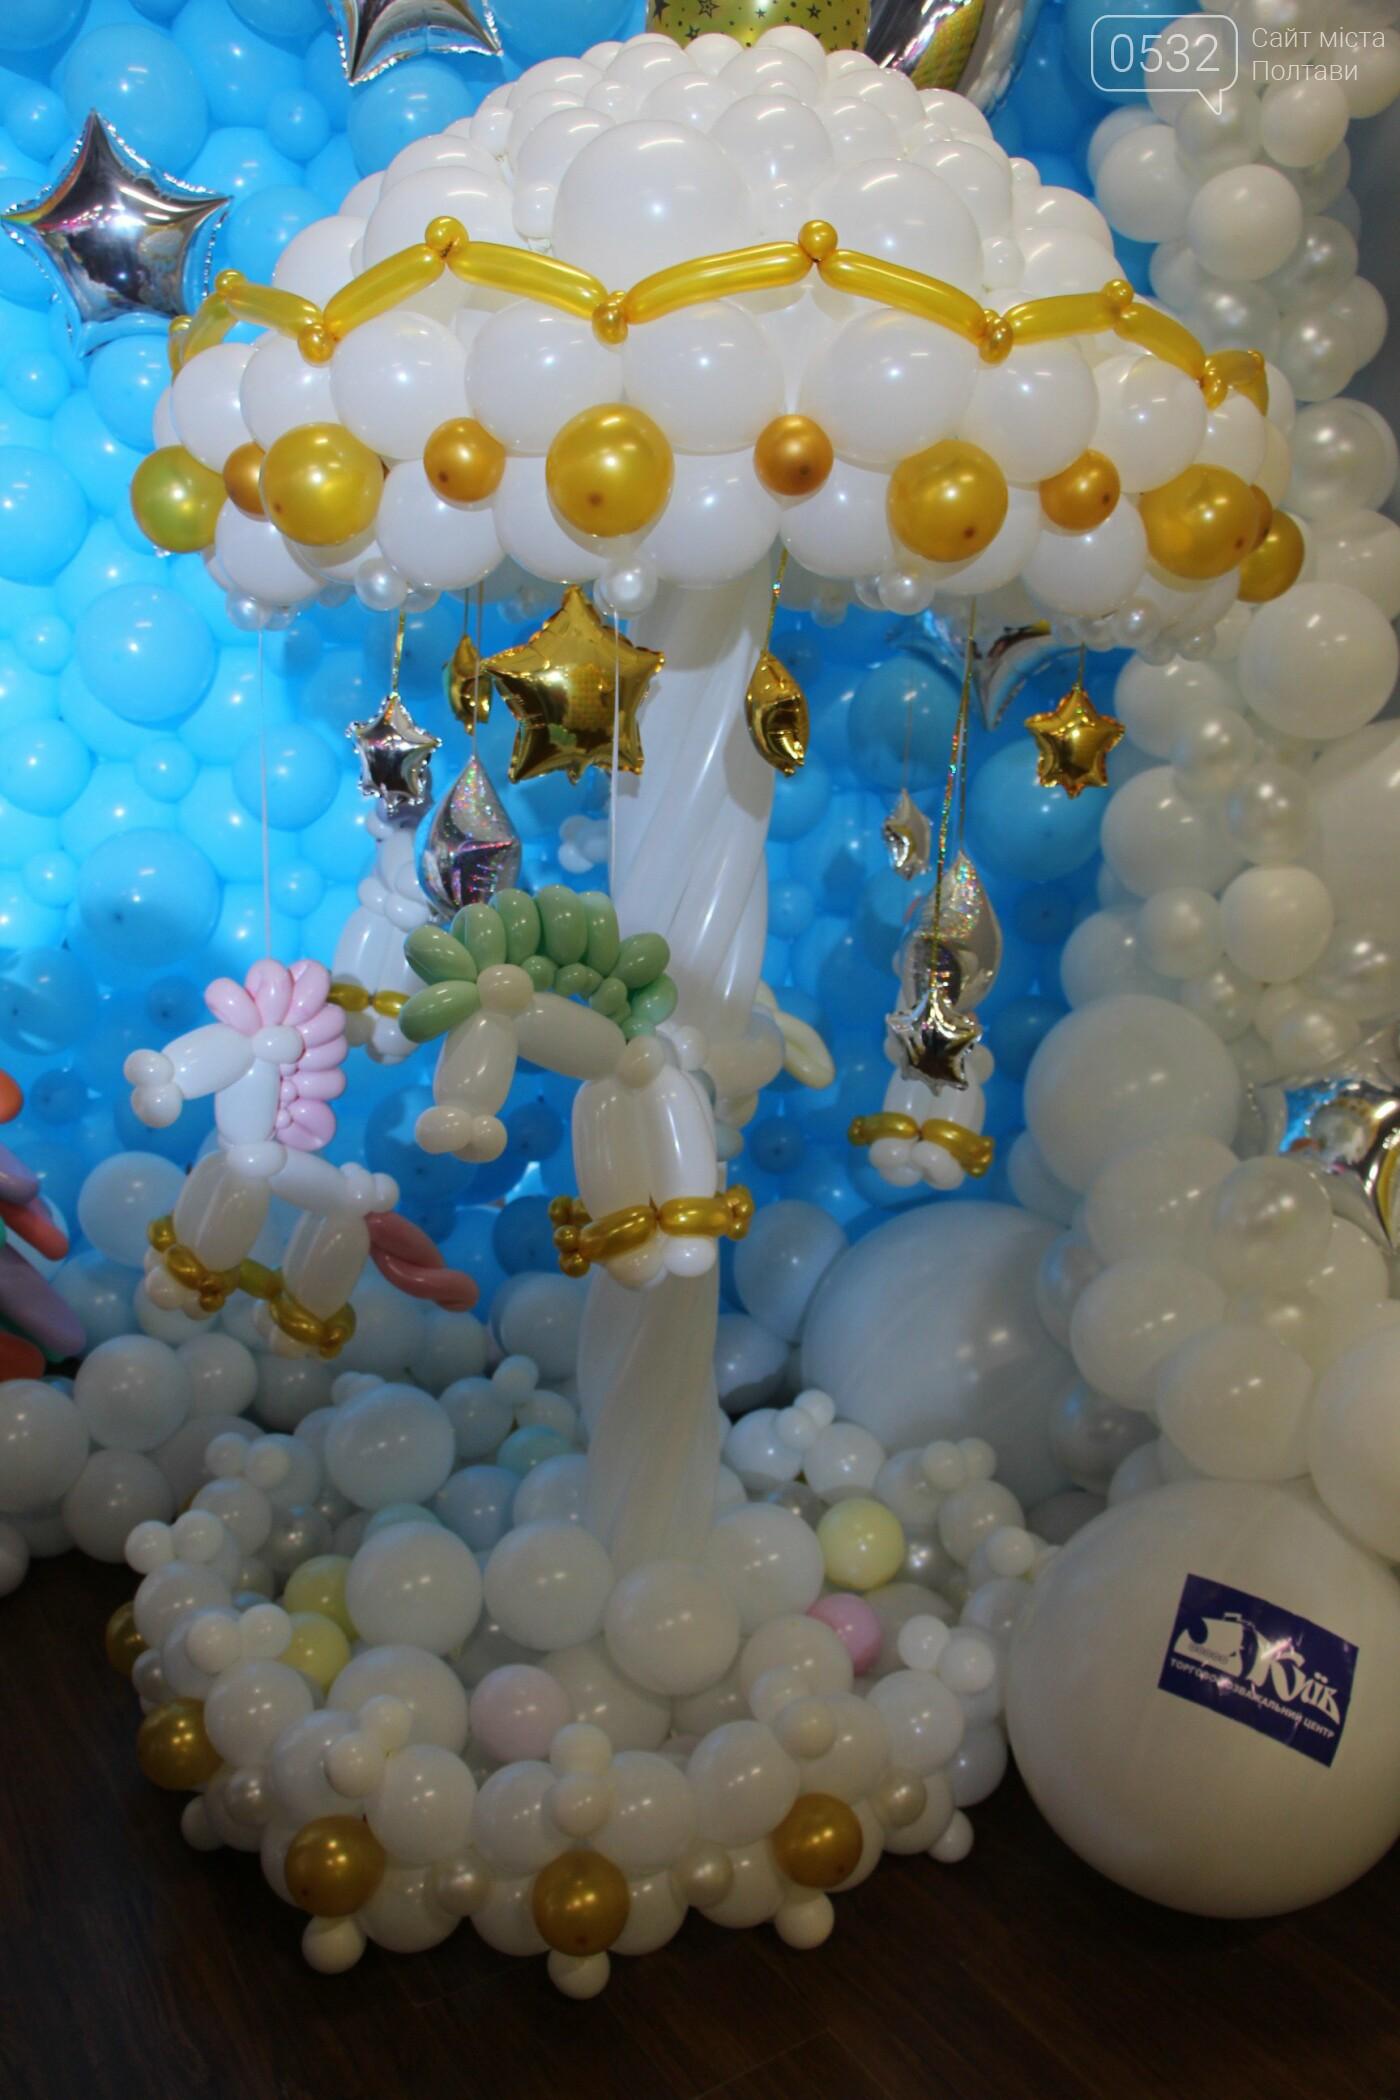 Діти у захваті – у Полтаві вперше організували виставку великих фігур із повітряних кульок (ФОТО)   , фото-3